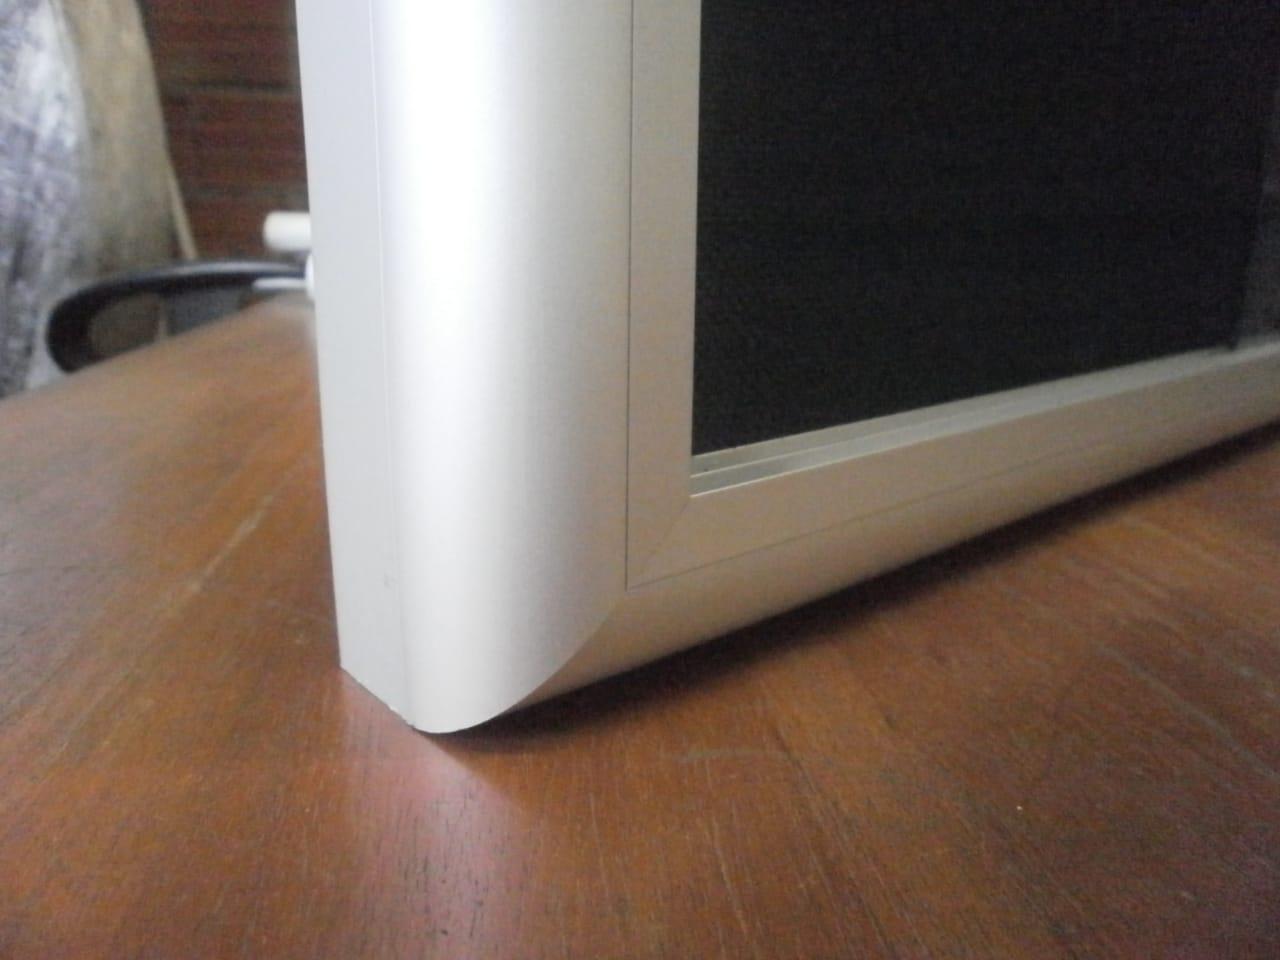 Carteleras con puertas corredizas acrili